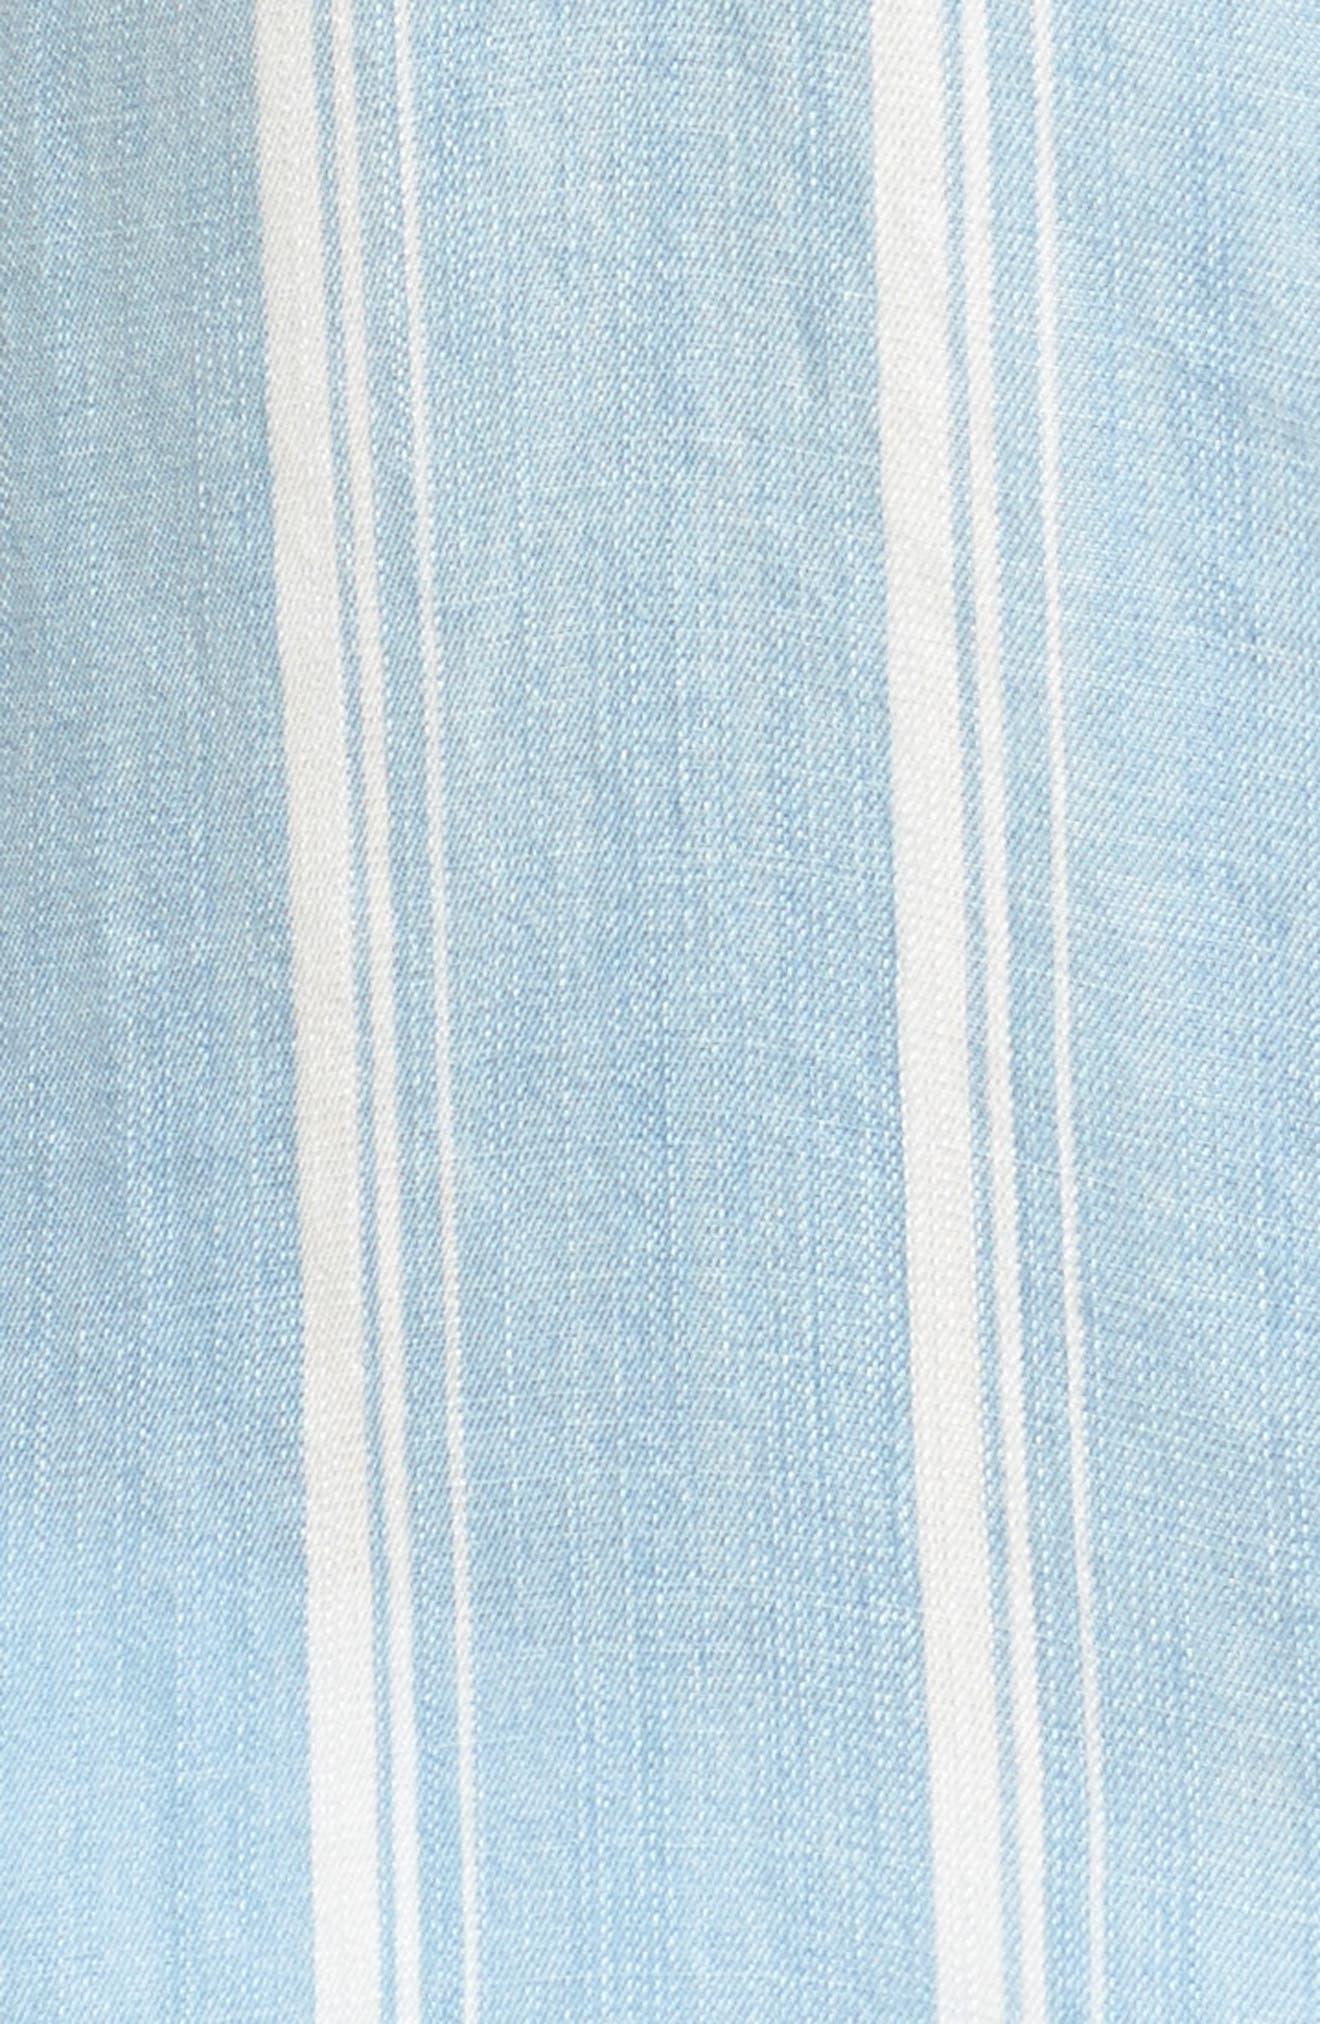 Cutout High/Low Chambray Shirt,                             Alternate thumbnail 5, color,                             400